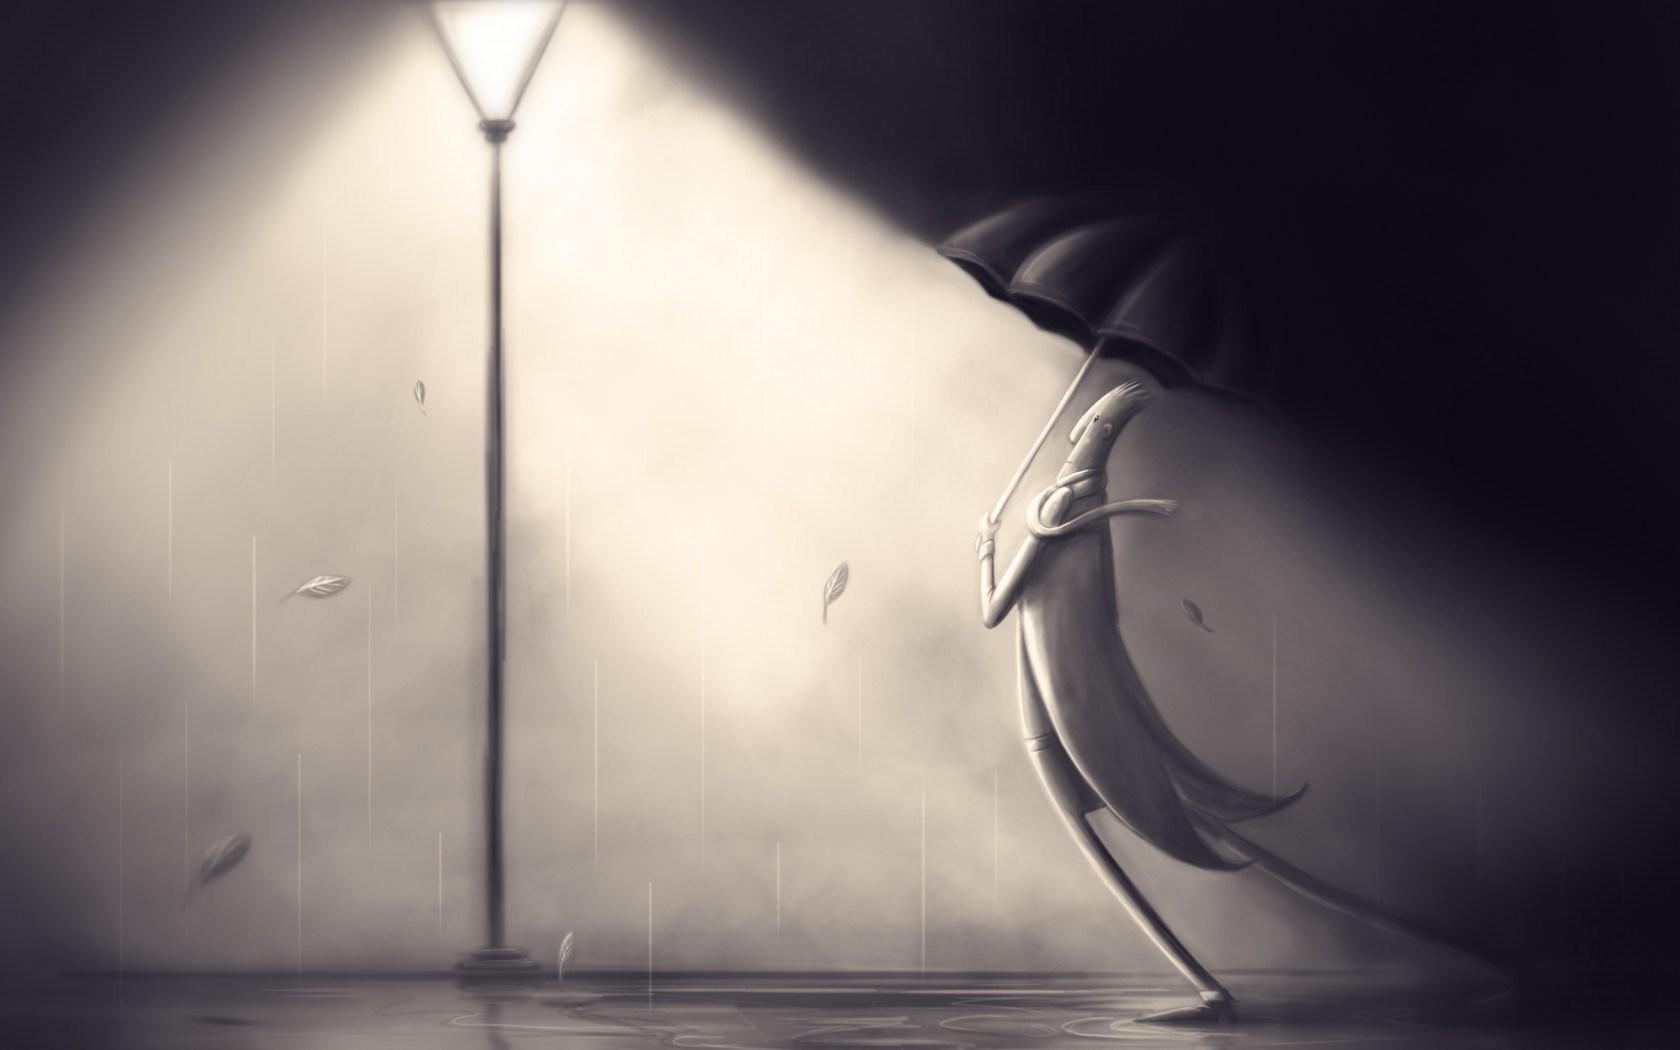 Lantern Man Coat Scarf Umbrella Rain Art